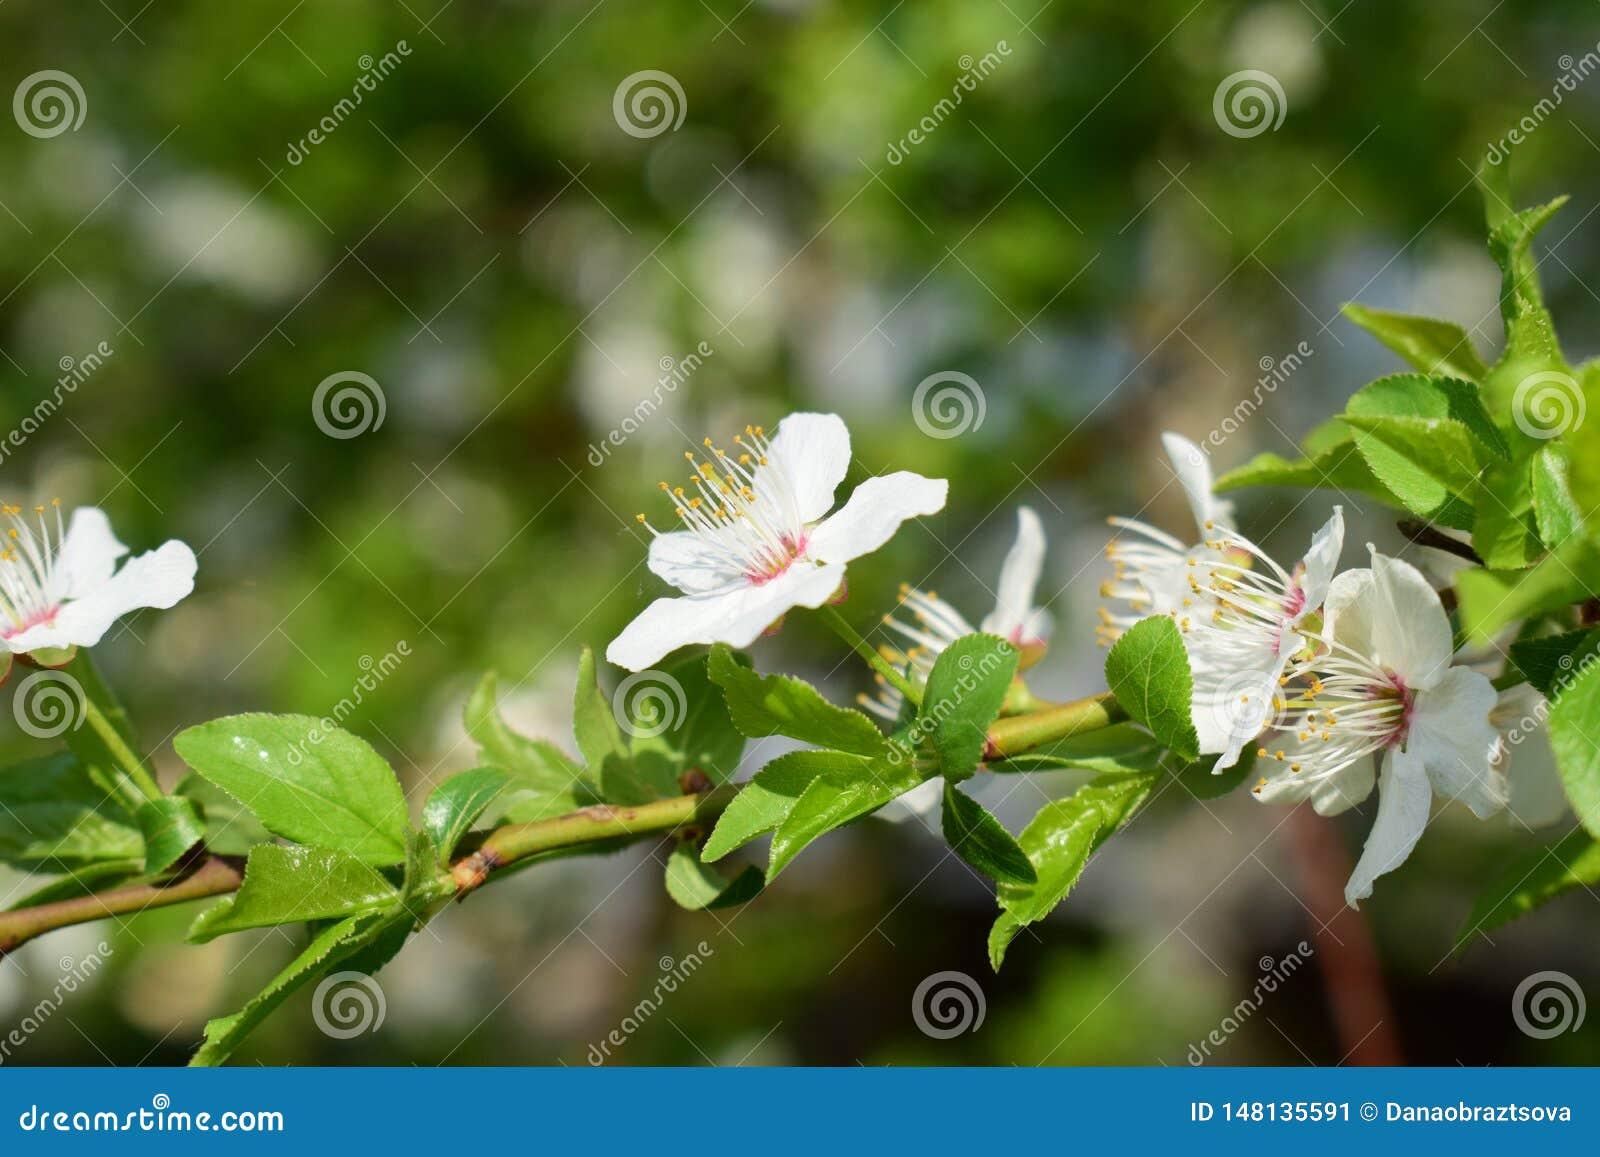 Μικρά άσπρα λουλούδια στον κλάδο του δέντρου